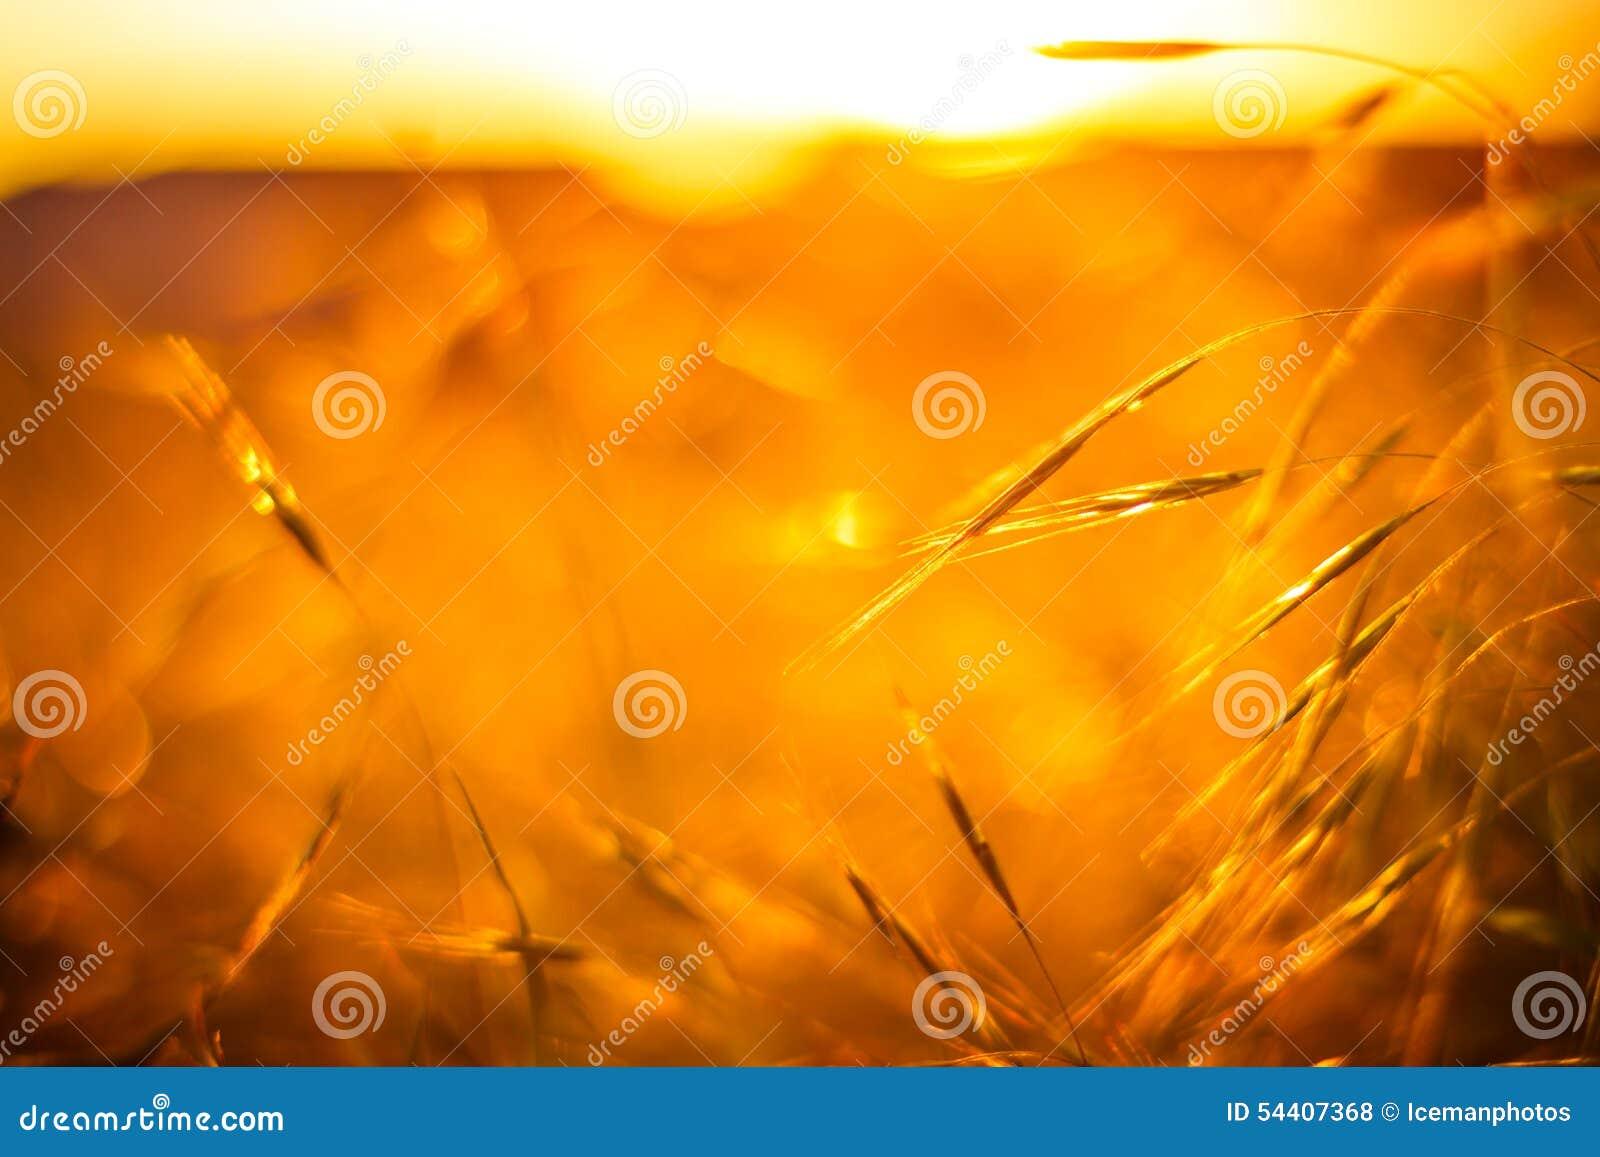 Campo de hierba de oro bajo sol suave